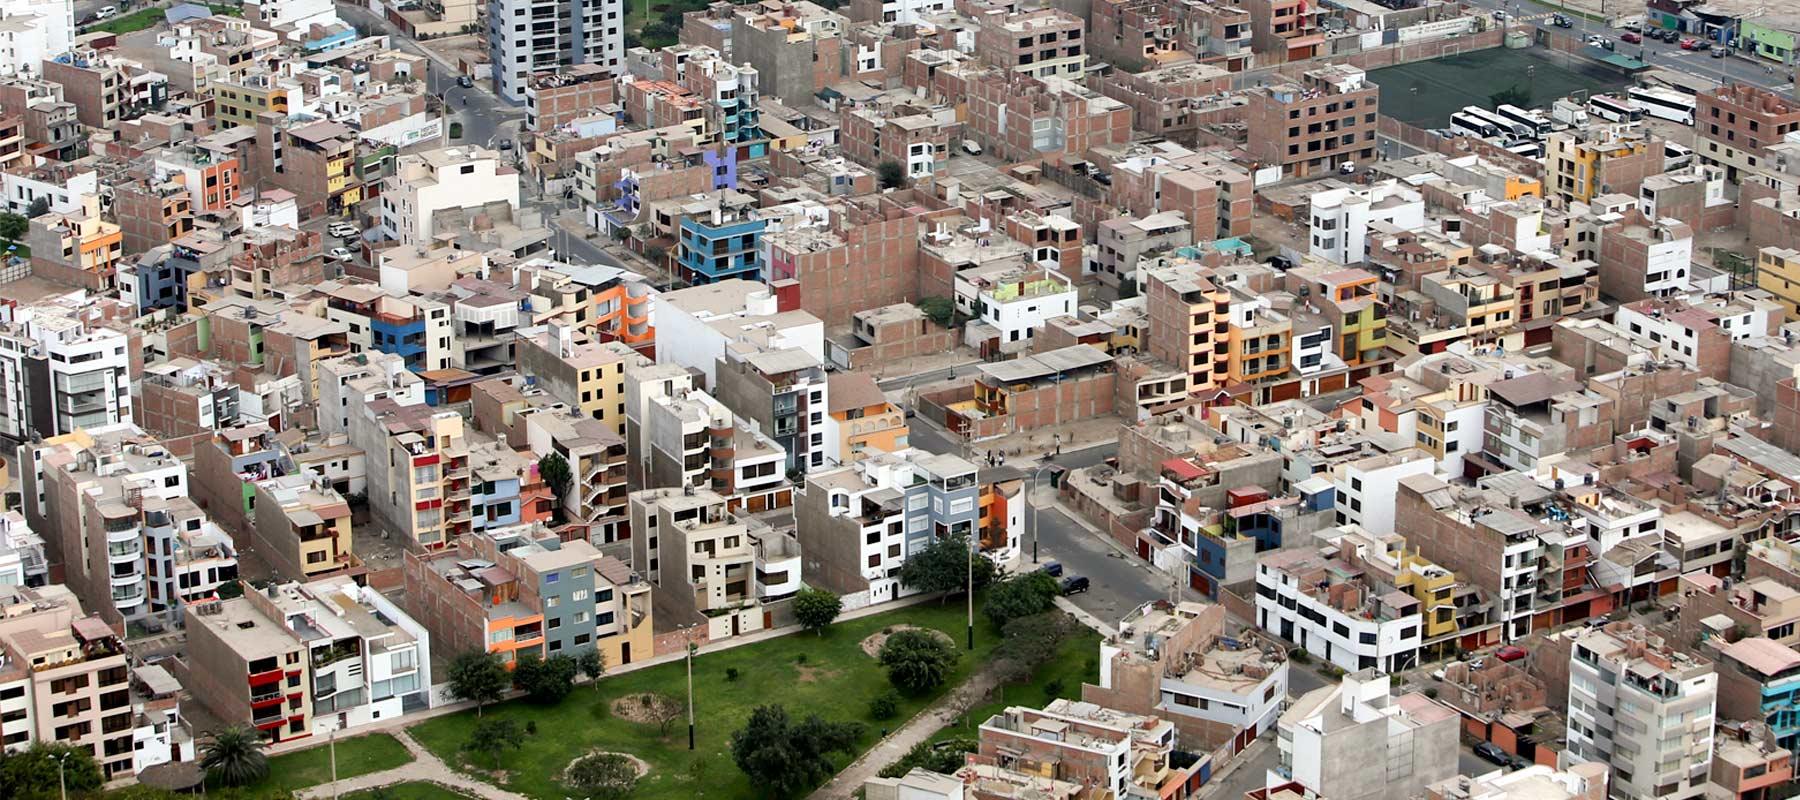 Sedatu deberá identificar zonas de riesgo para que no se construyan viviendas en ellas